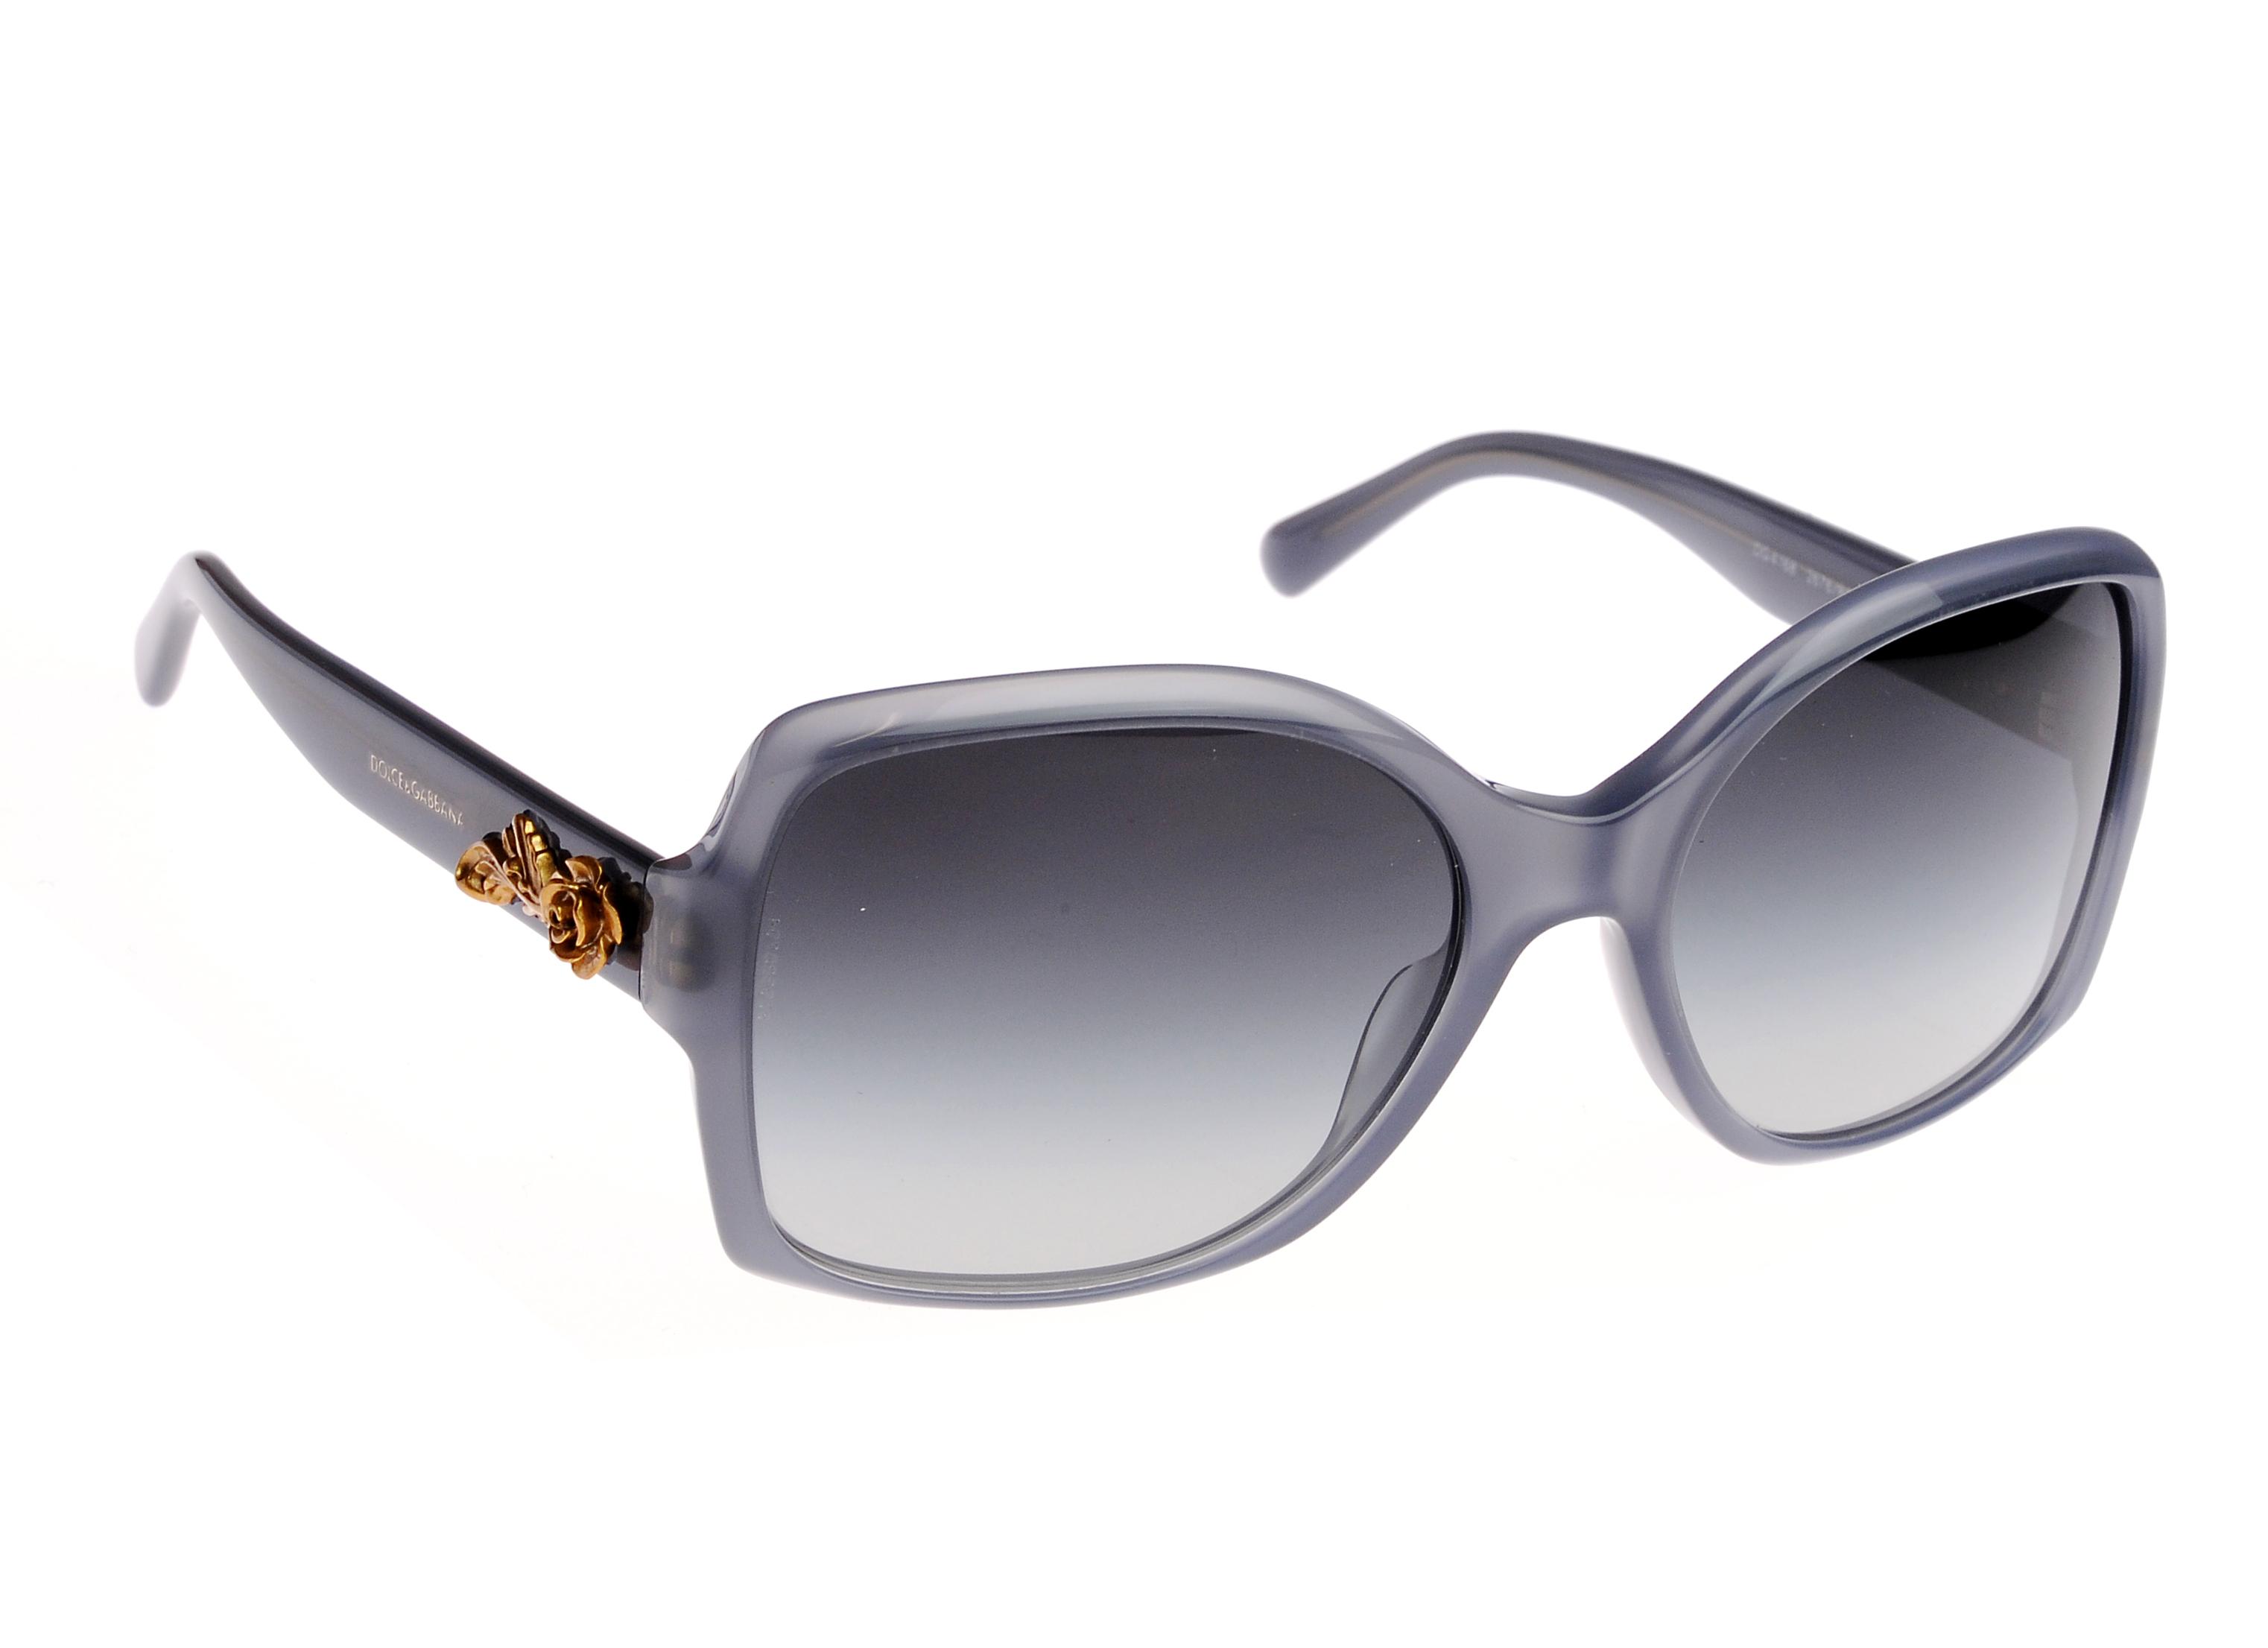 Dolce& Gabbana, okulary prawdziwie barokowe